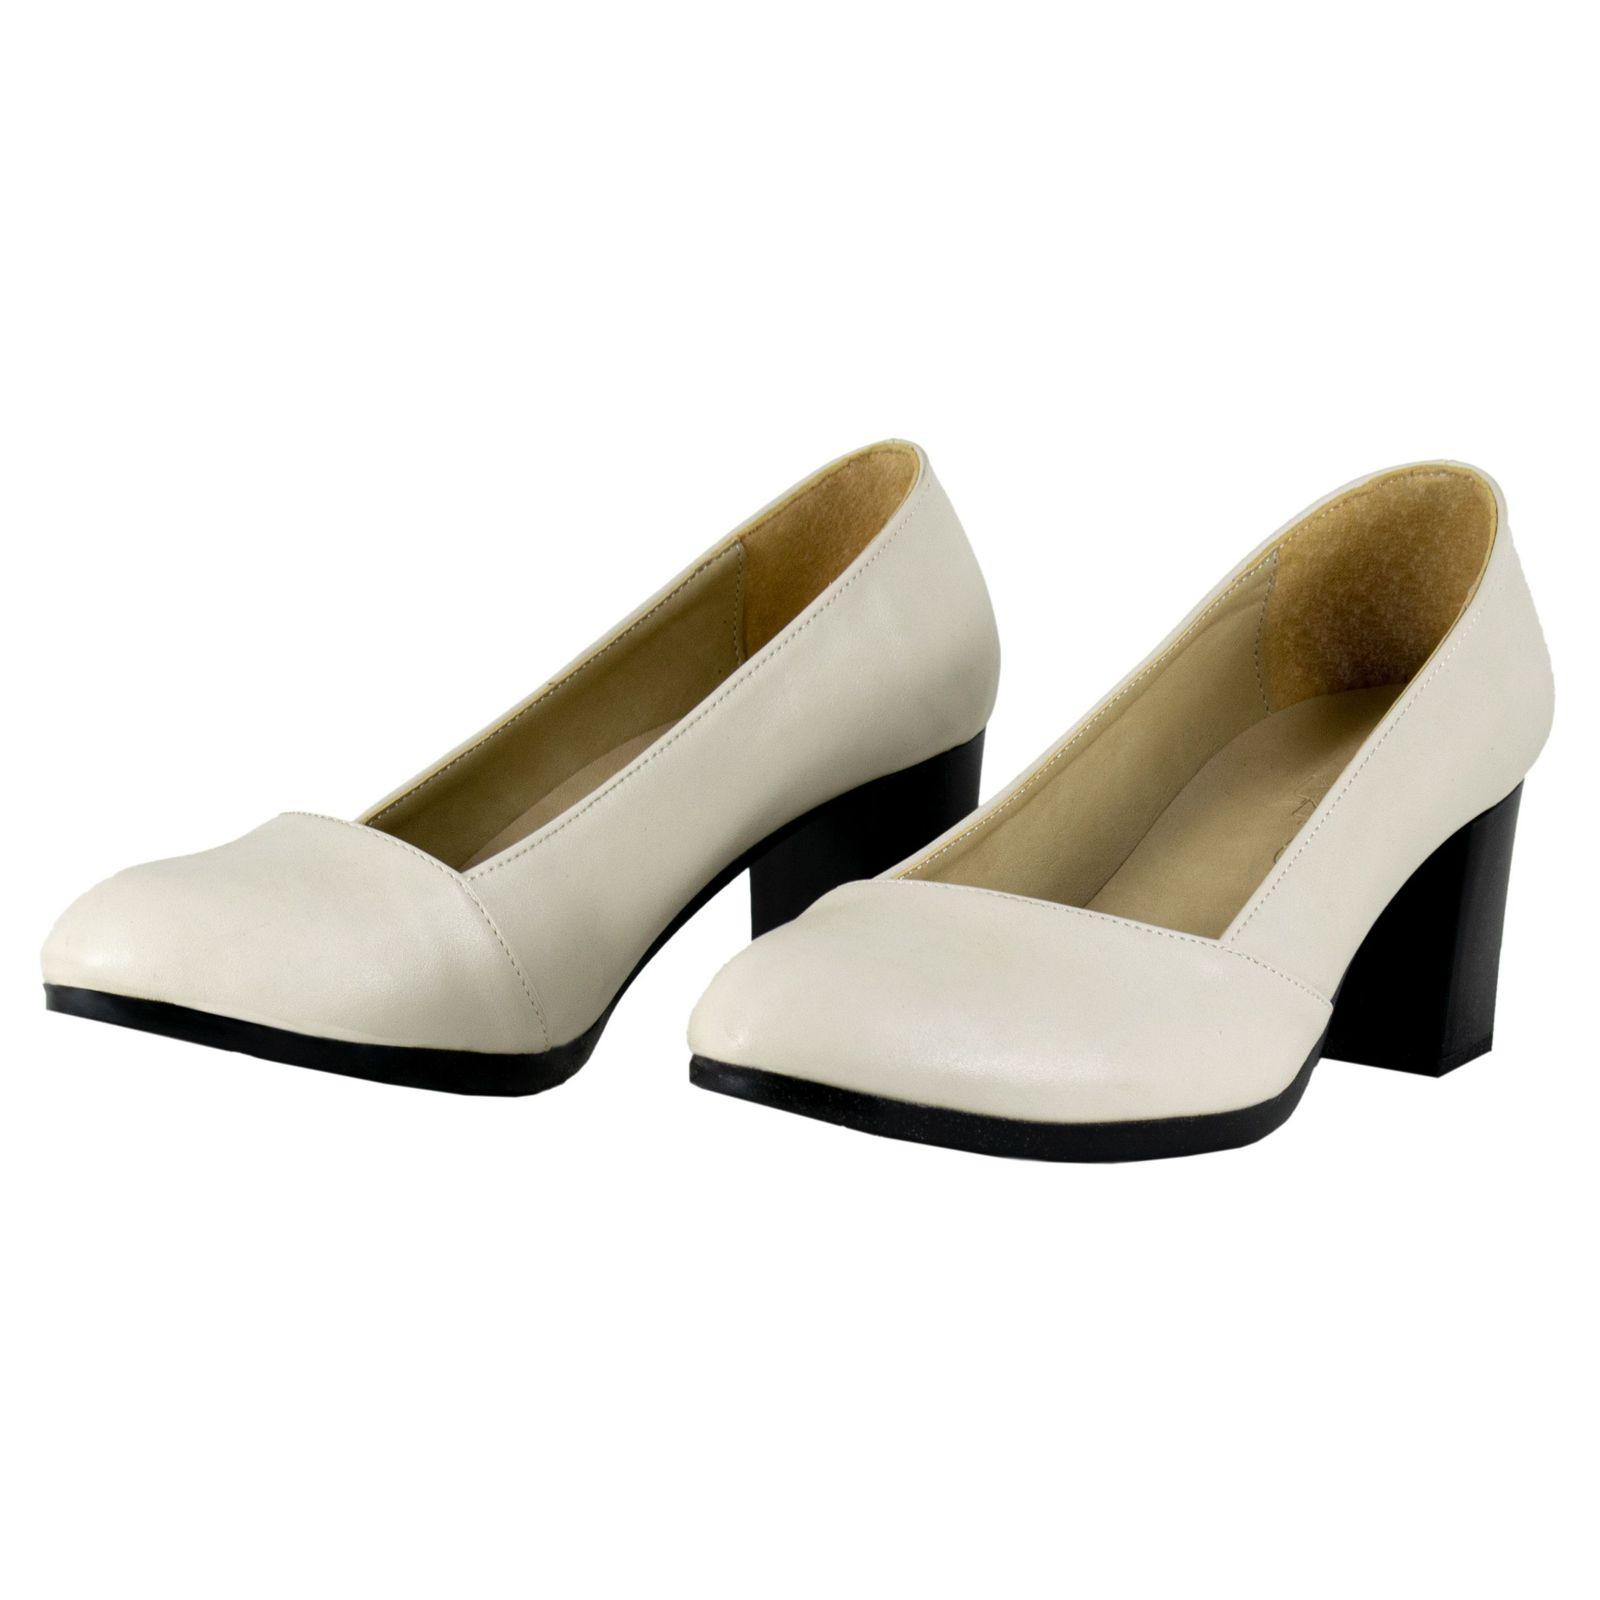 کفش زنانه آذاردو مدل W02602 main 1 2